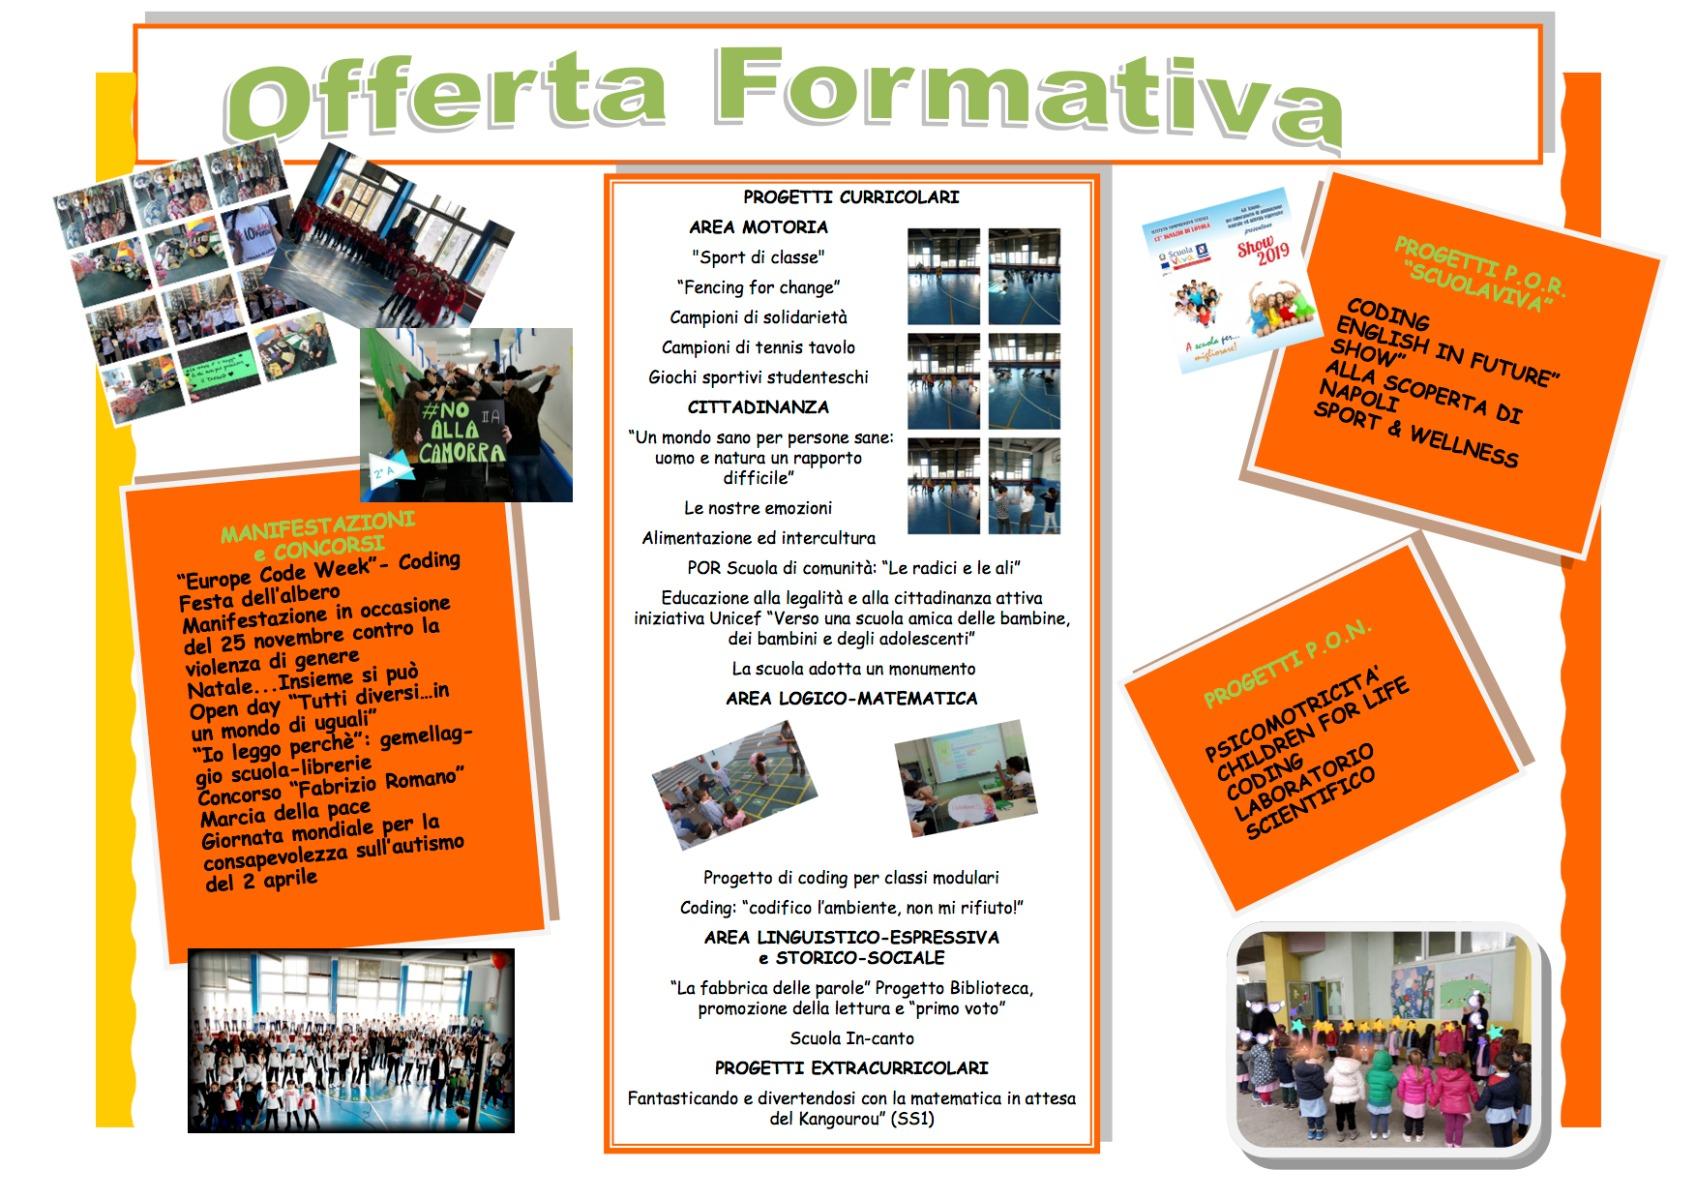 Brochure offerta formativa  pag. 2